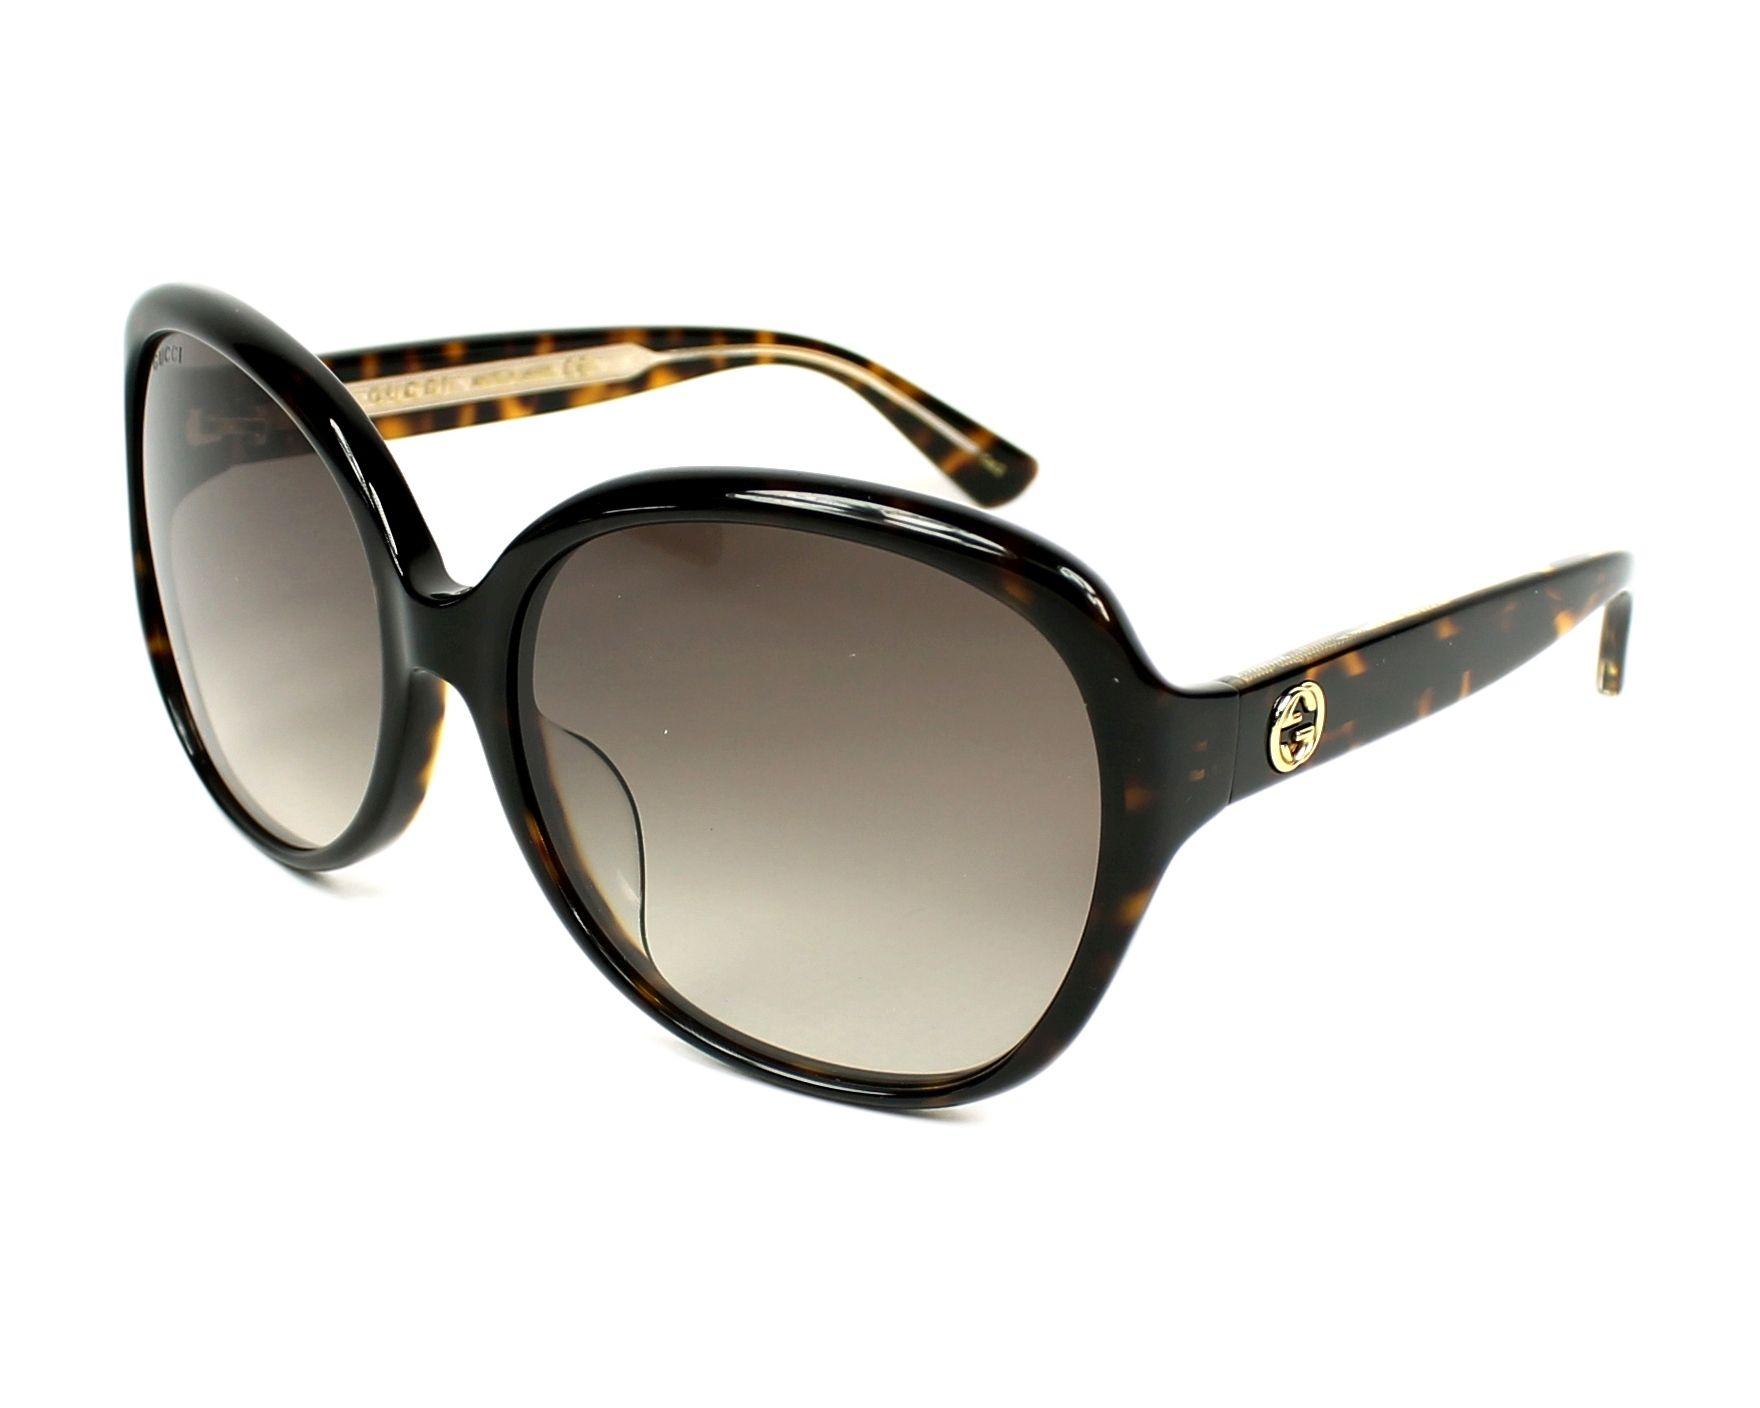 275d364e1184 Sunglasses Gucci GG-0080-SK 003 61-17 Havana Havana profile view